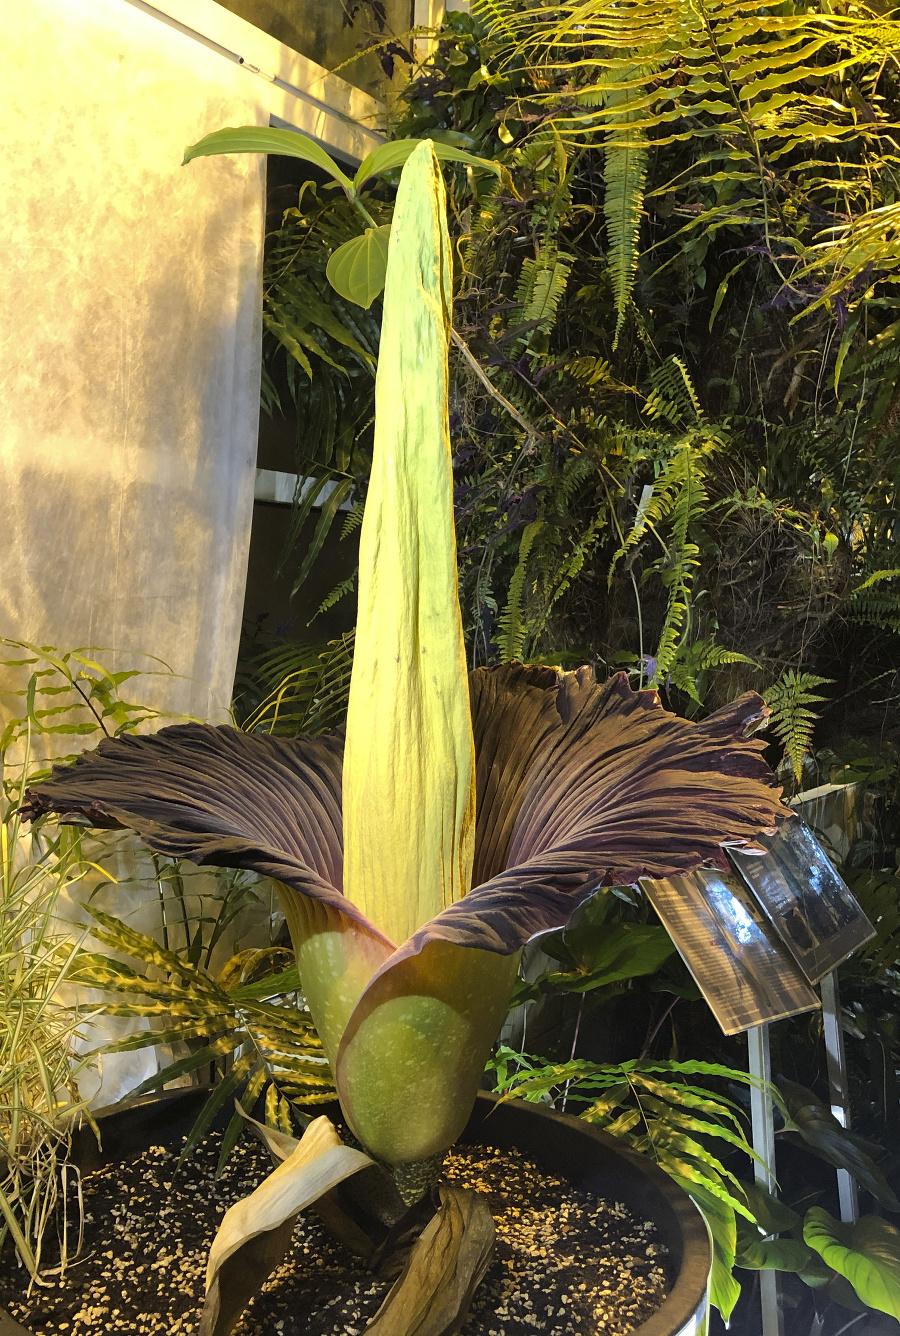 Rozkvinutý zmijovec áronitý (Amorphophallus titanum) - najsmrdlavejšia rastlina sveta 13. júna 2021 v botanickej záhrade vo Varšave.